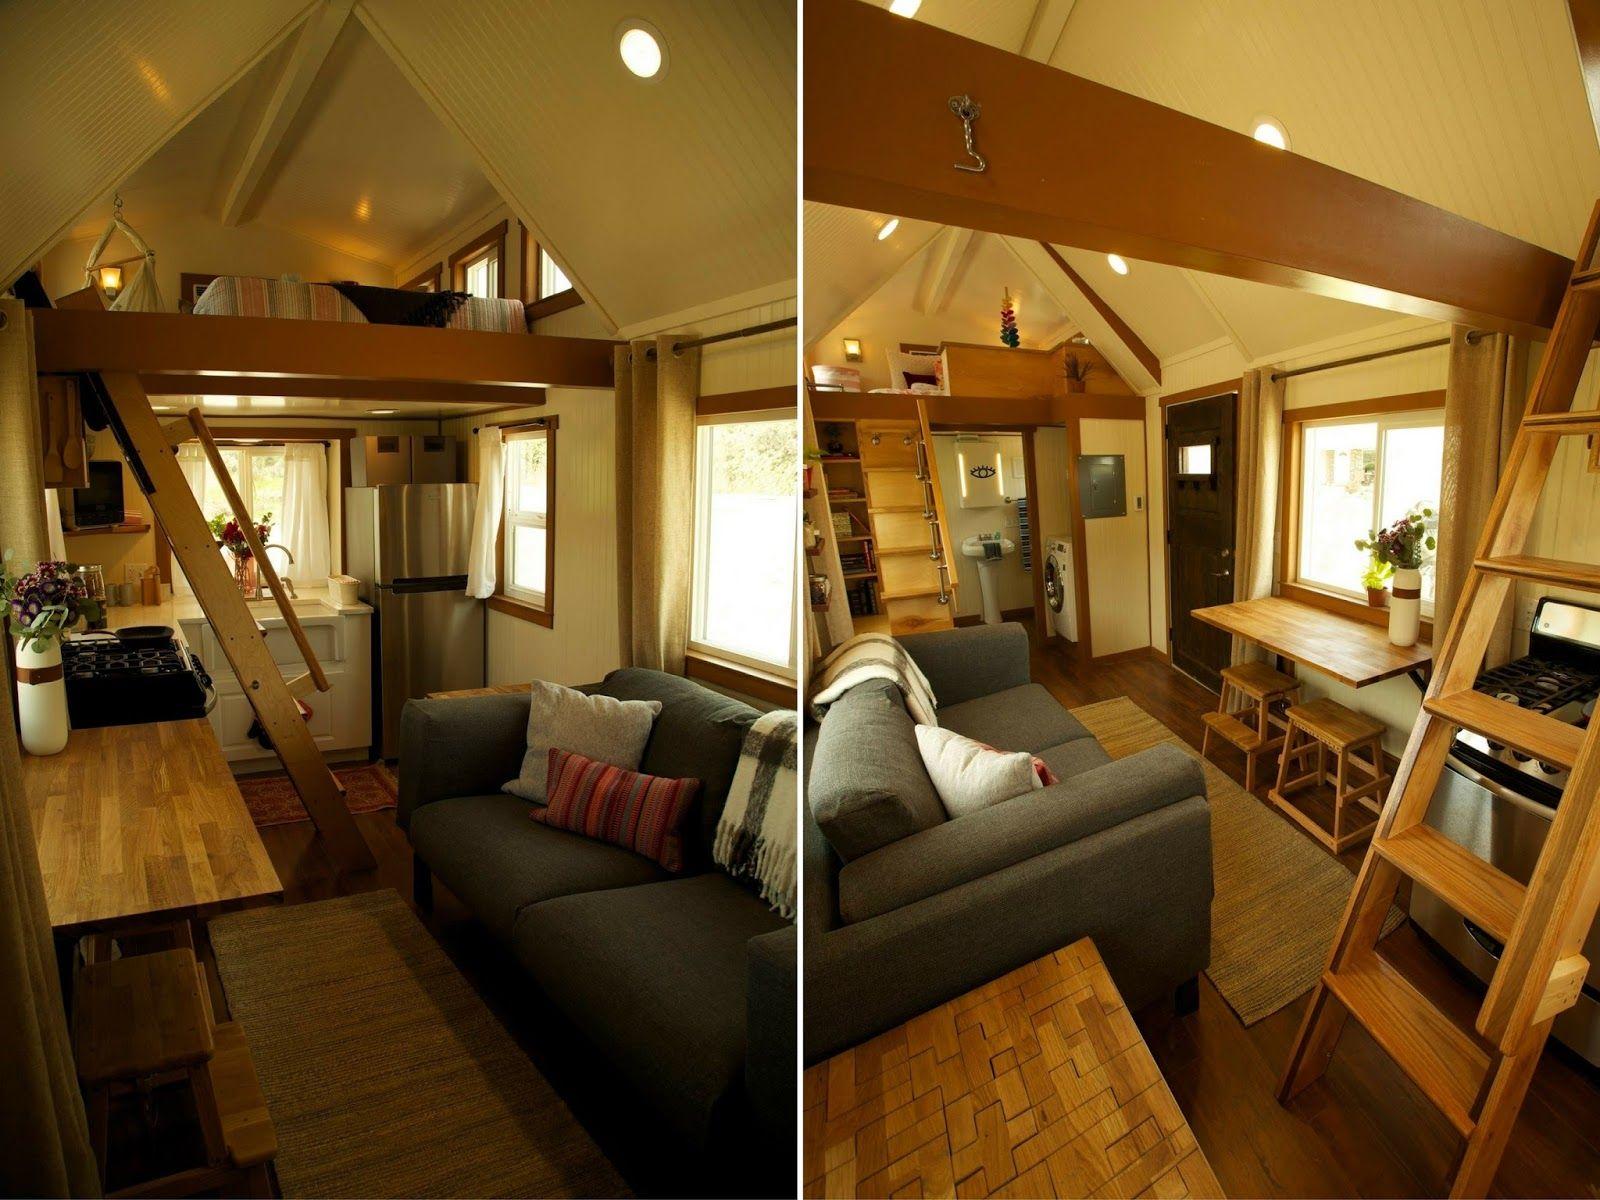 The 200 Sq Ft Family Tiny Home Tiny House Layout Tiny House Big